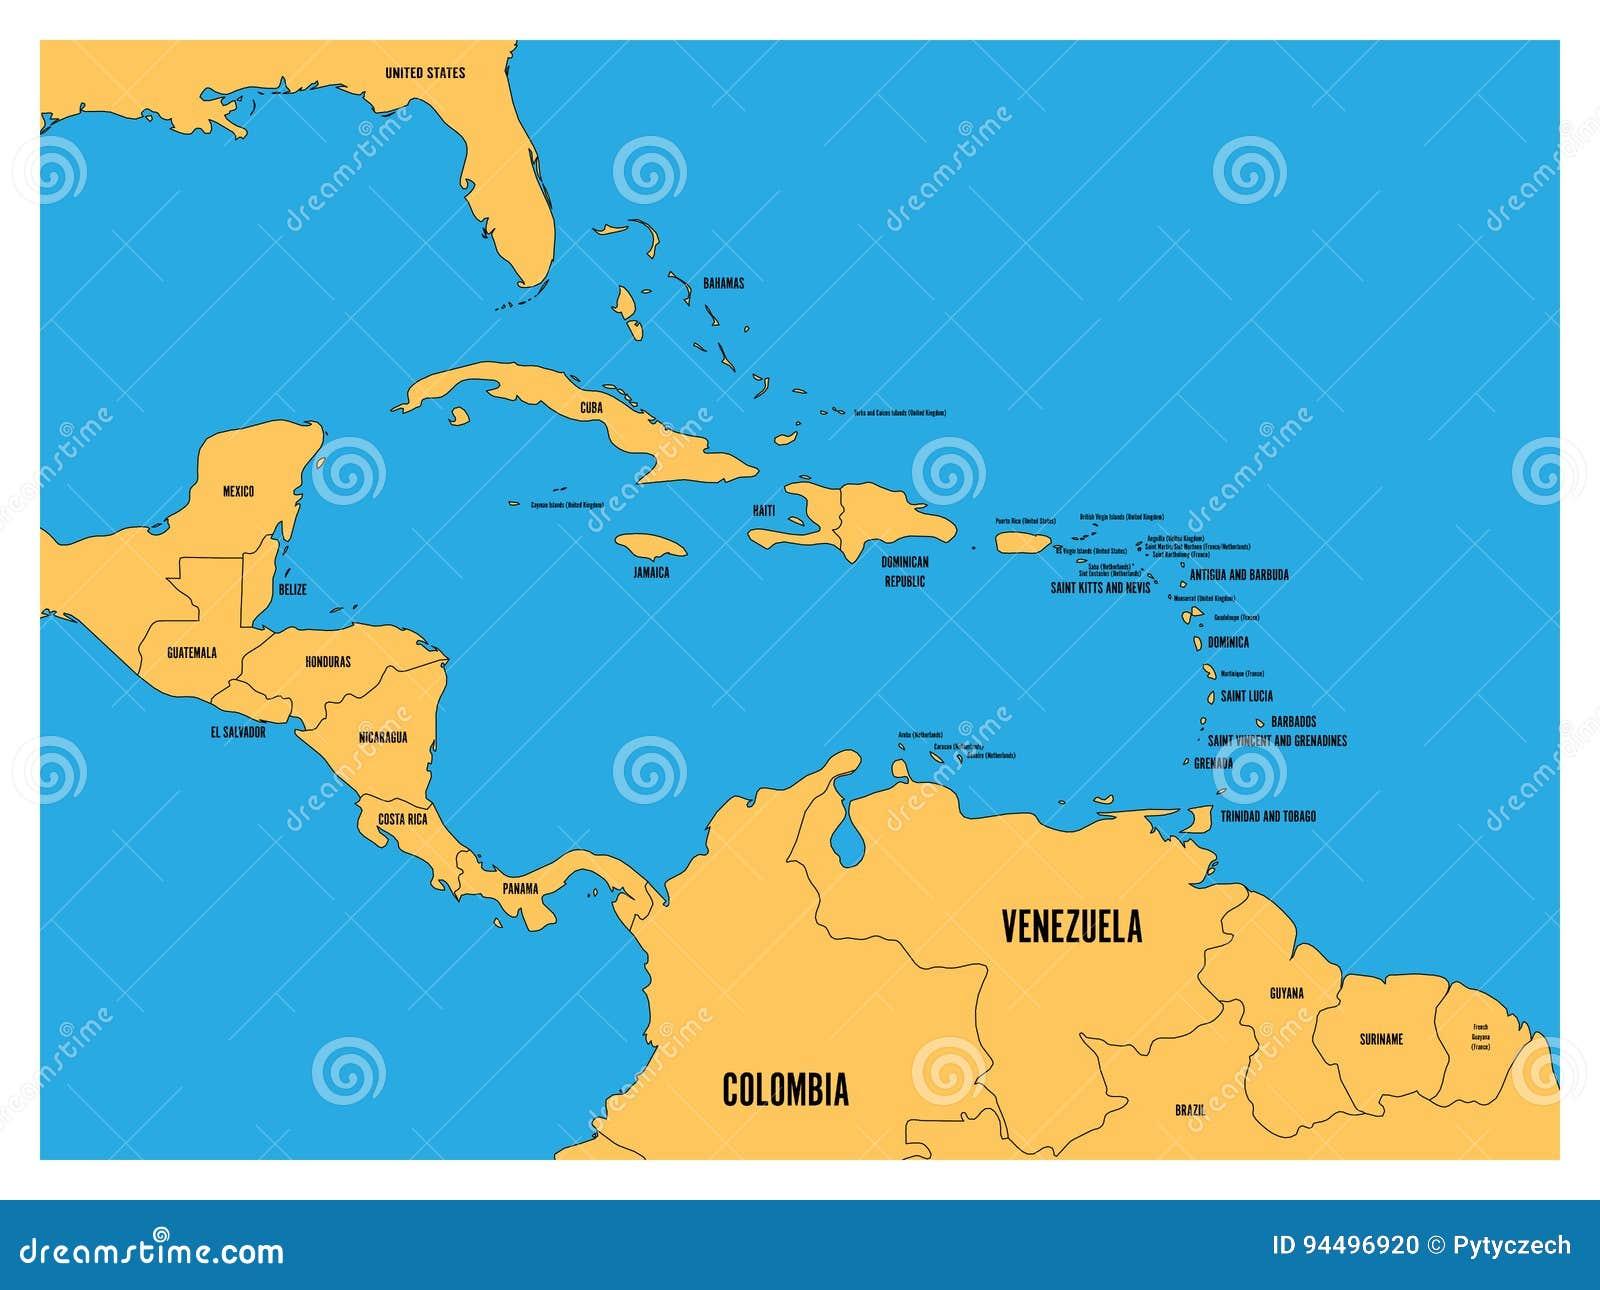 Κεντρική Αμερική και καραϊβικός κρατικός πολιτικός χάρτης Το κίτρινο έδαφος με Μαύρη Χώρα ονομάζει τις ετικέτες στο μπλε υπόβαθρο